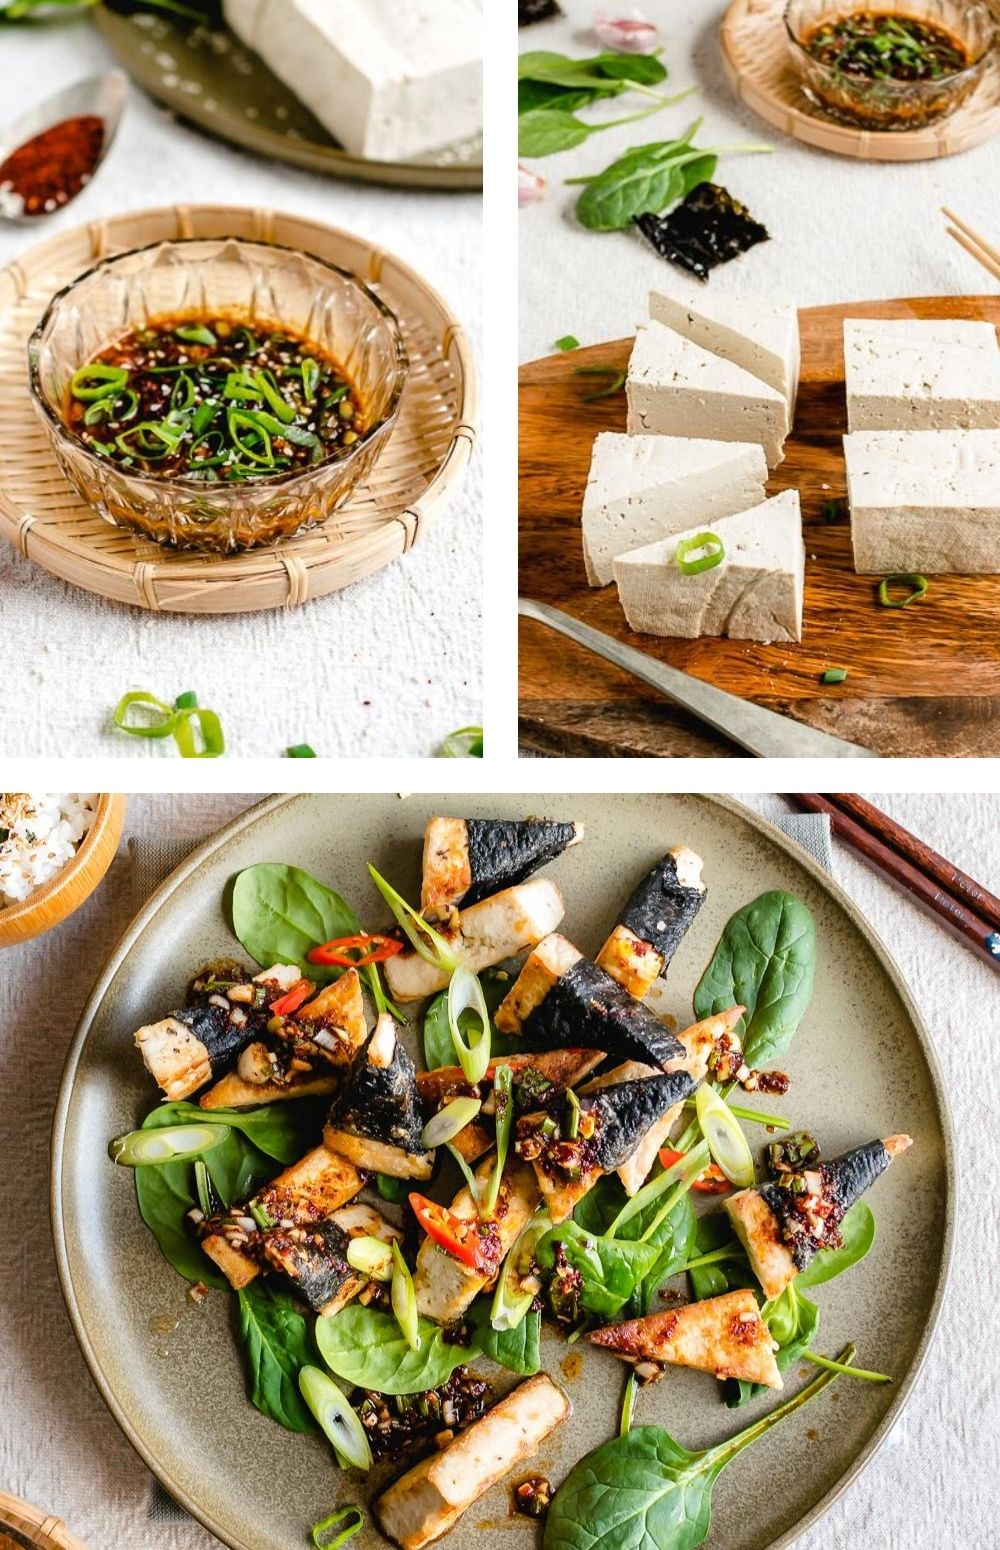 Denk je dat tofu bereiden lastig is? Niet dit recept: tofu paneren, krokant bakken en de ingrediënten voor de pittige Koreaanse saus mengen. Binnen een half uur staat het op tafel! Een snel en smaakvol vegan hoofdgerecht voor doordeweeks. #vegetarisch #Aziatisch #avondeten